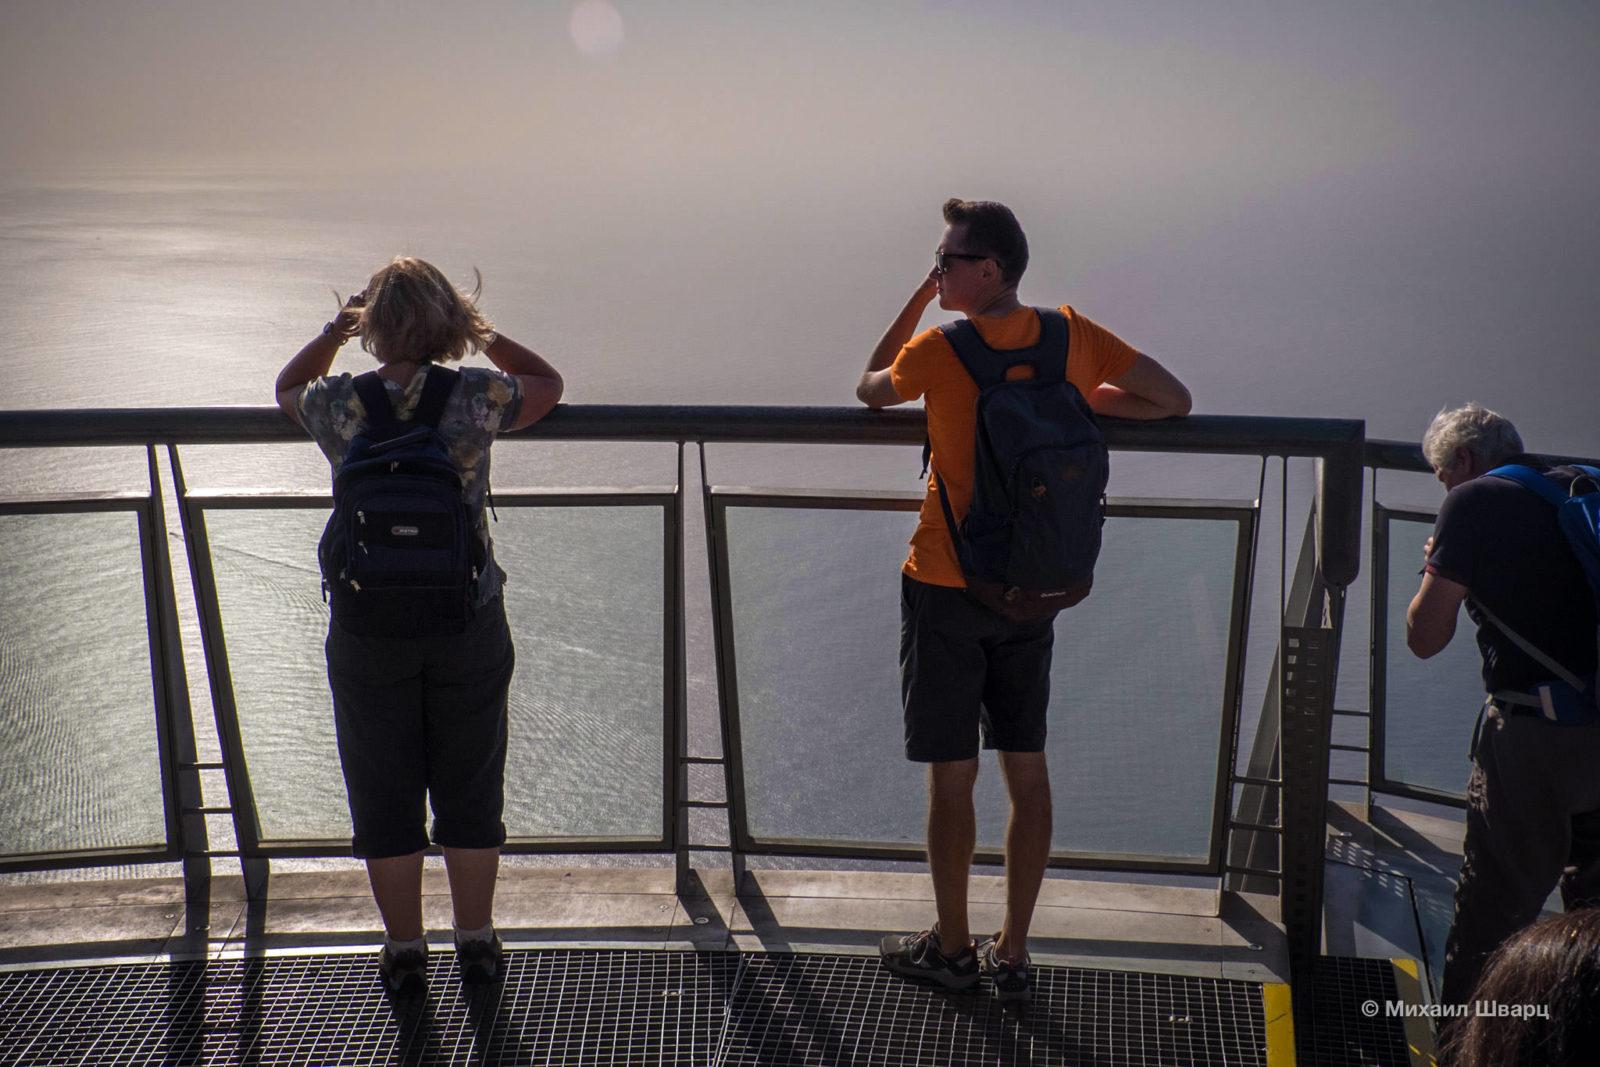 Смотрю на бескрайний океан